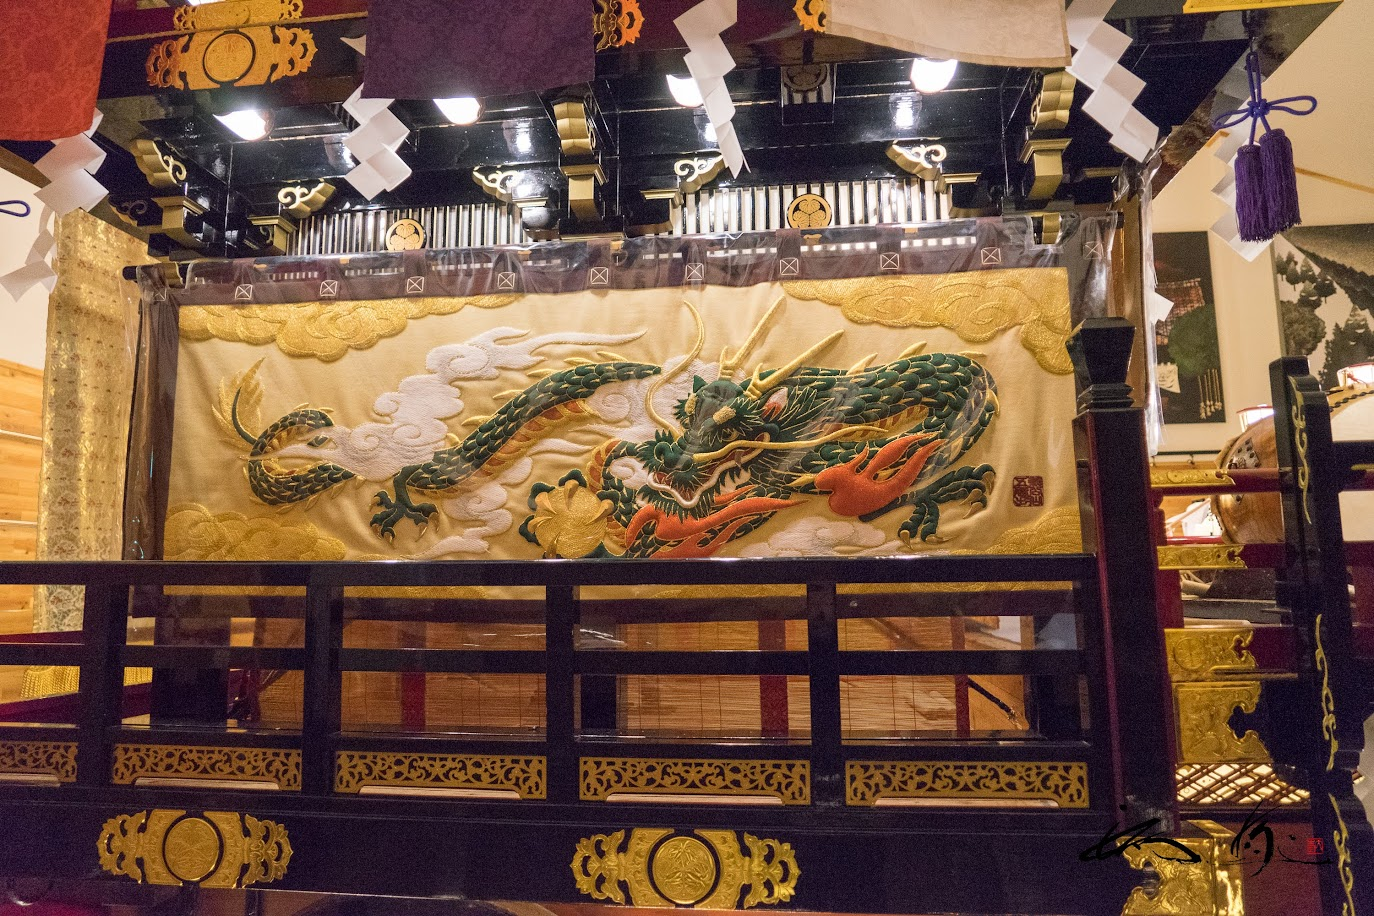 山車を飾る龍の絵柄